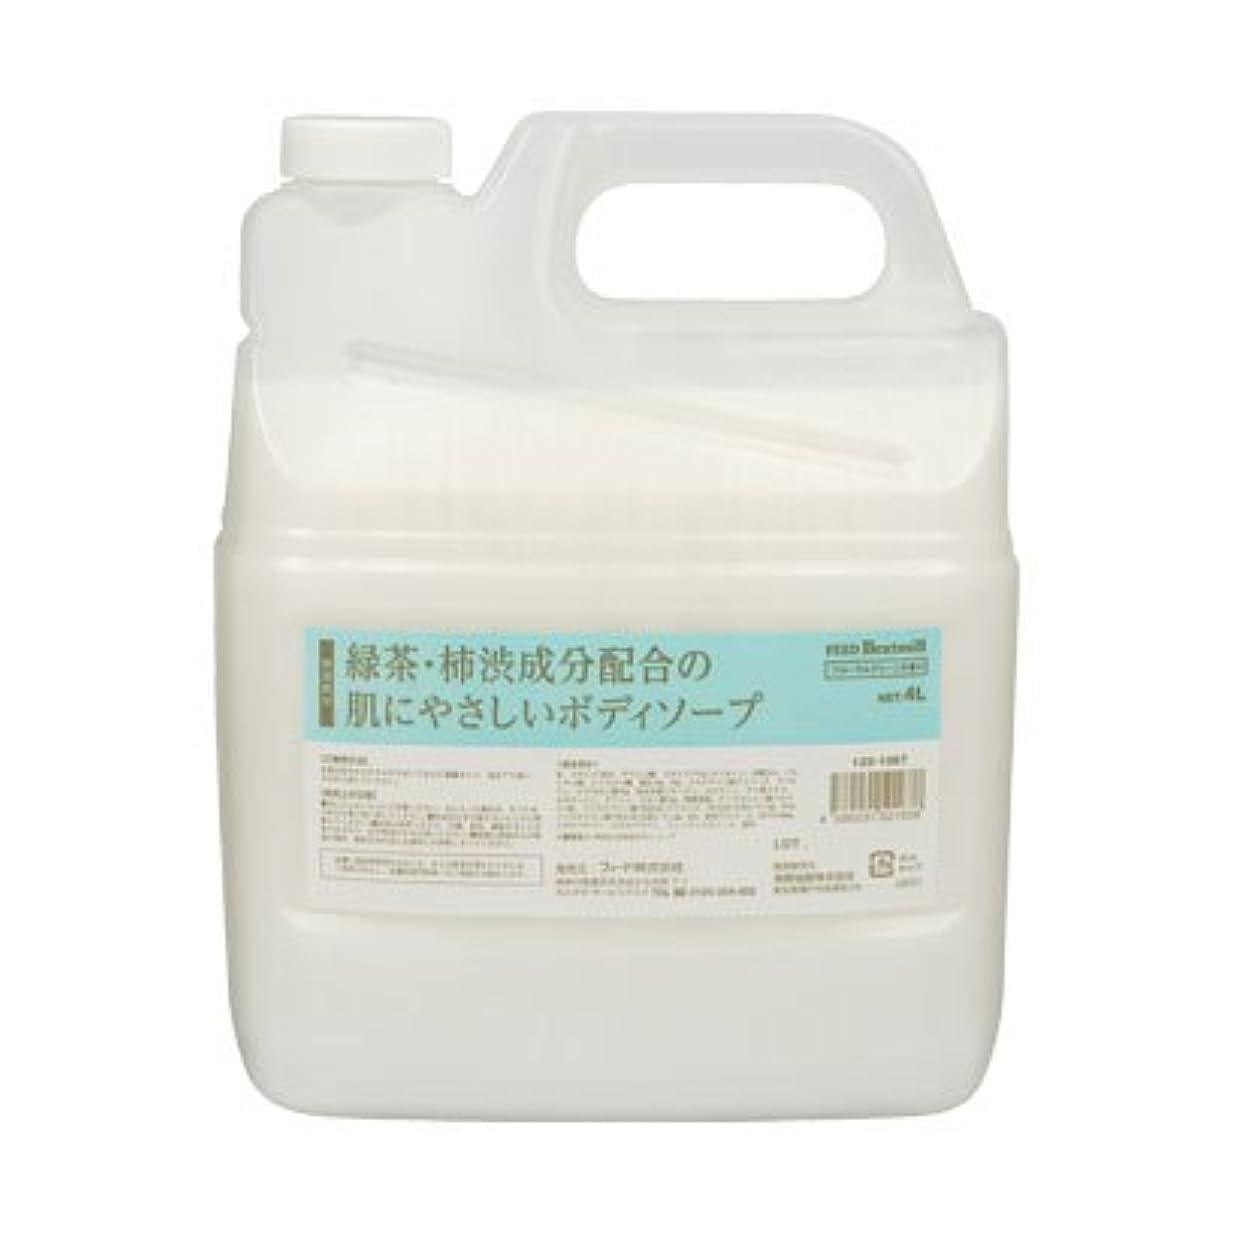 昨日石灰岩ジョグ【業務用】 FEED(フィード) 緑茶?柿渋成分配合の肌にやさしいボディソープ/4L 石けん 入数 1本